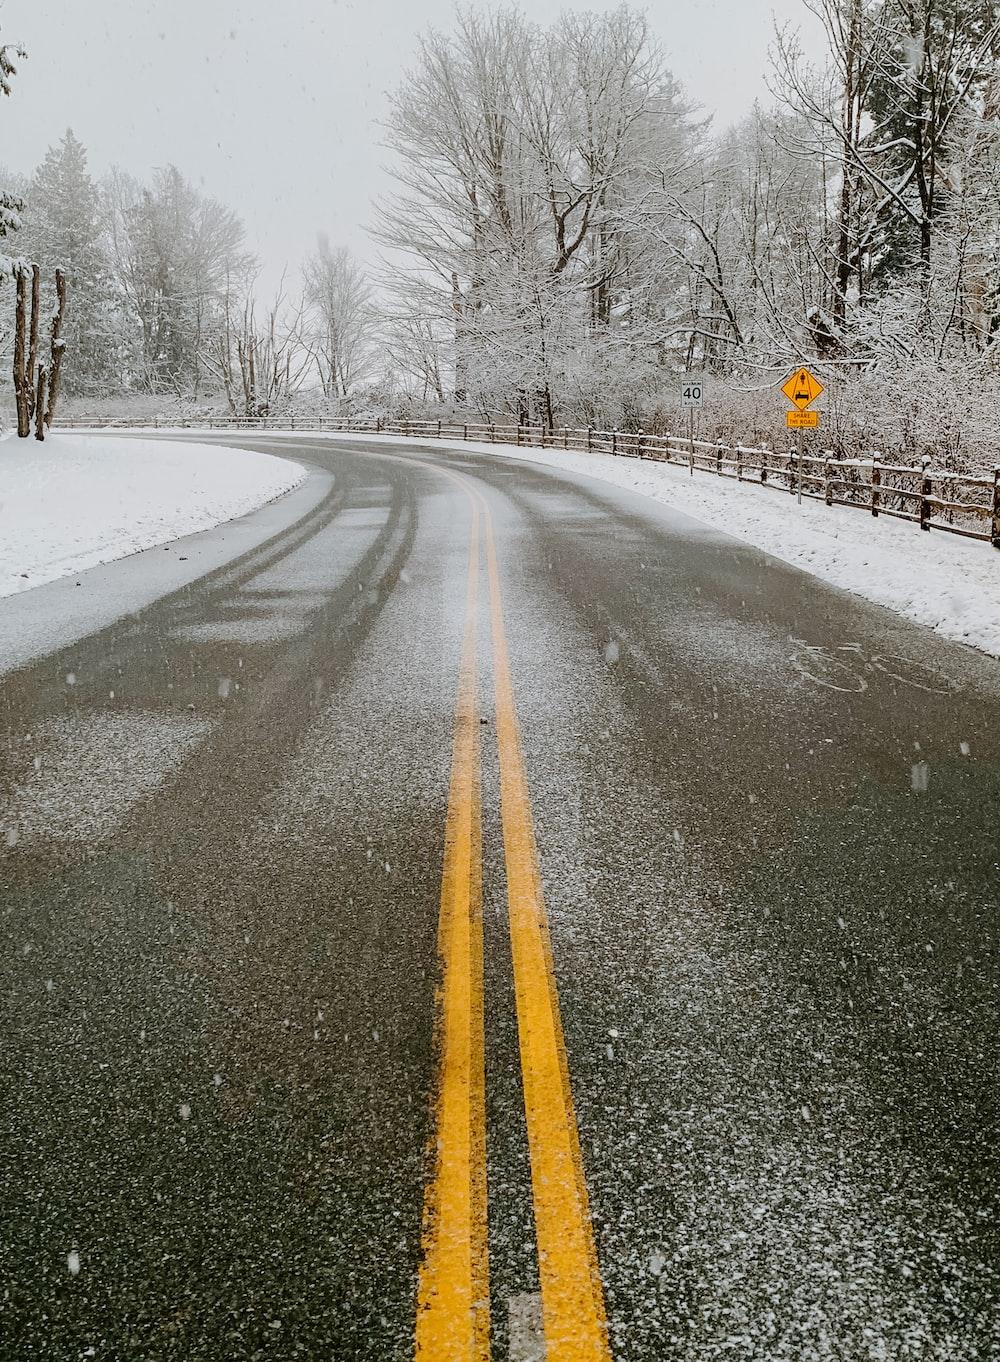 grey asphalt road between snow covered trees